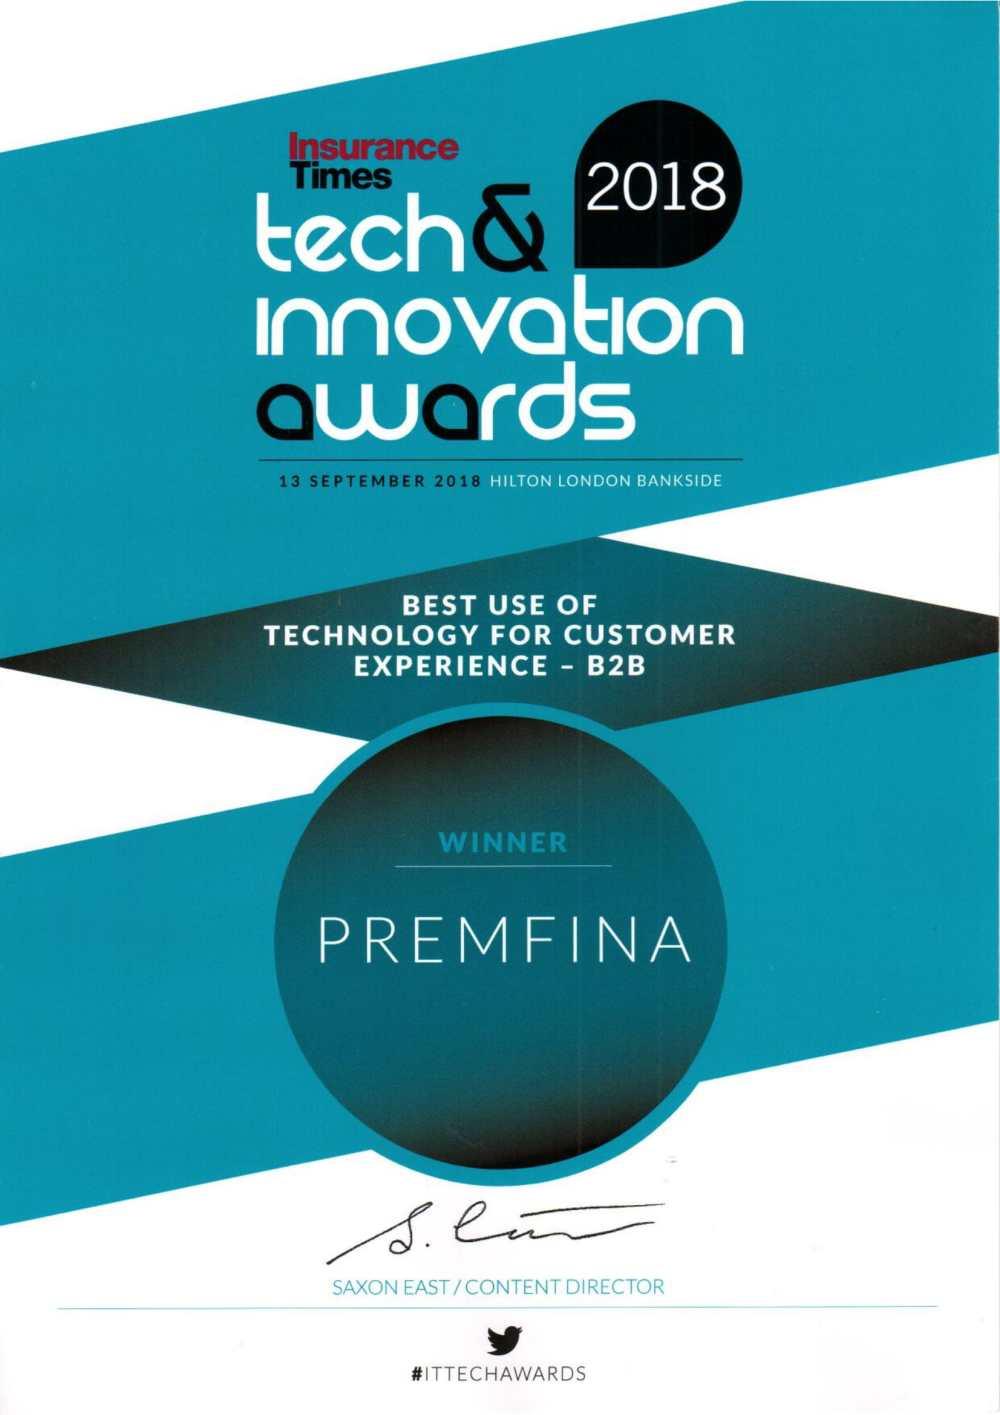 20180920 PremFina IT B2B Customer Experience Award-1